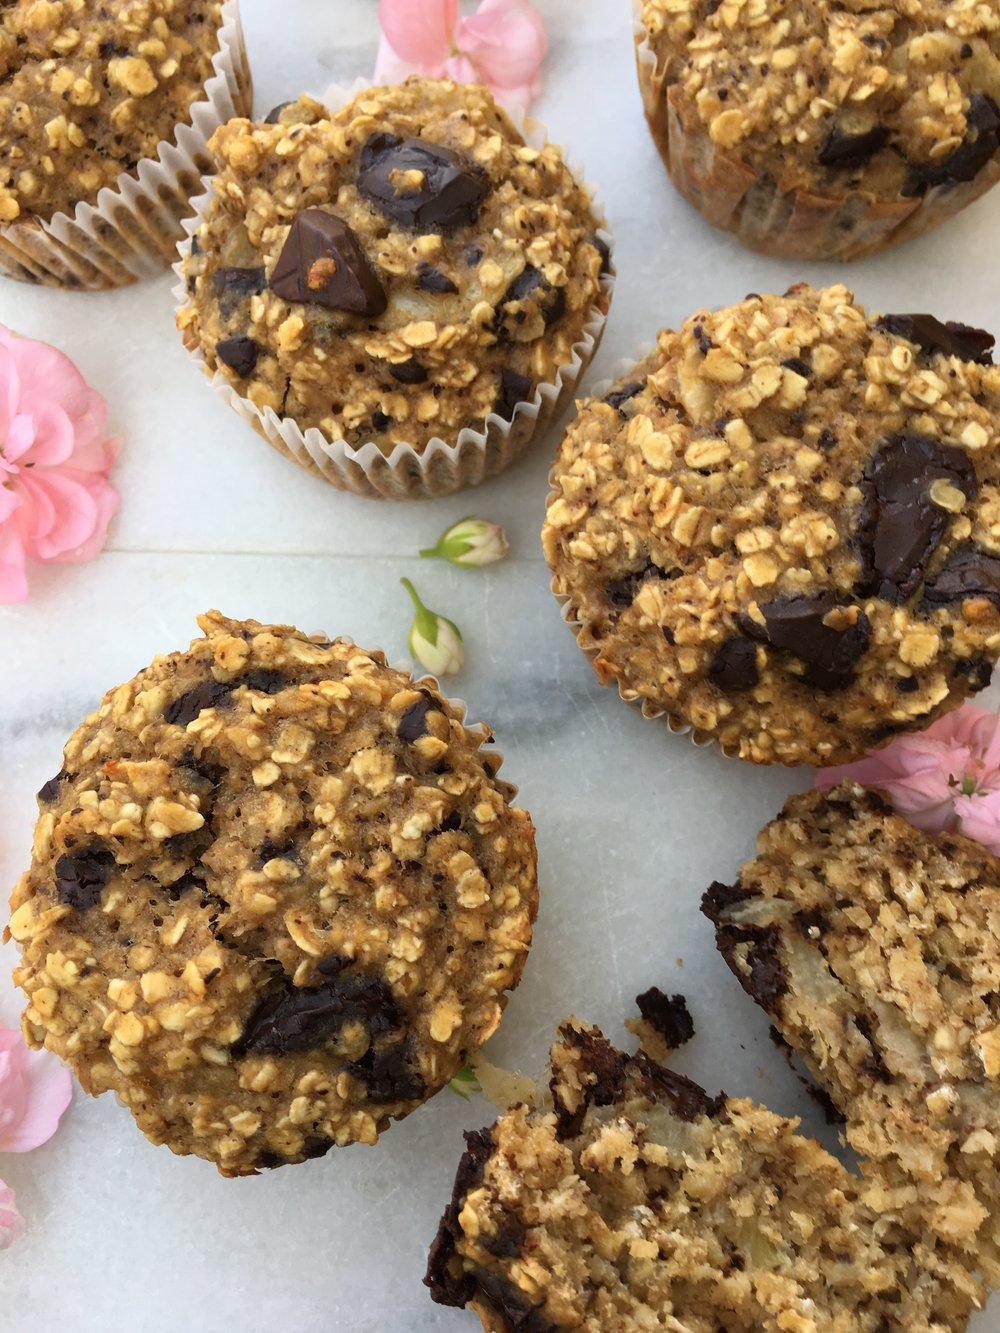 De her peanutbutter-banan-chokolade-havregryns-muffins smager skønt af kage, har en lækker konsistens og er nemme at lave. De kan holde sig friske i køleskabet kan fryses ned, og mætter godt. -